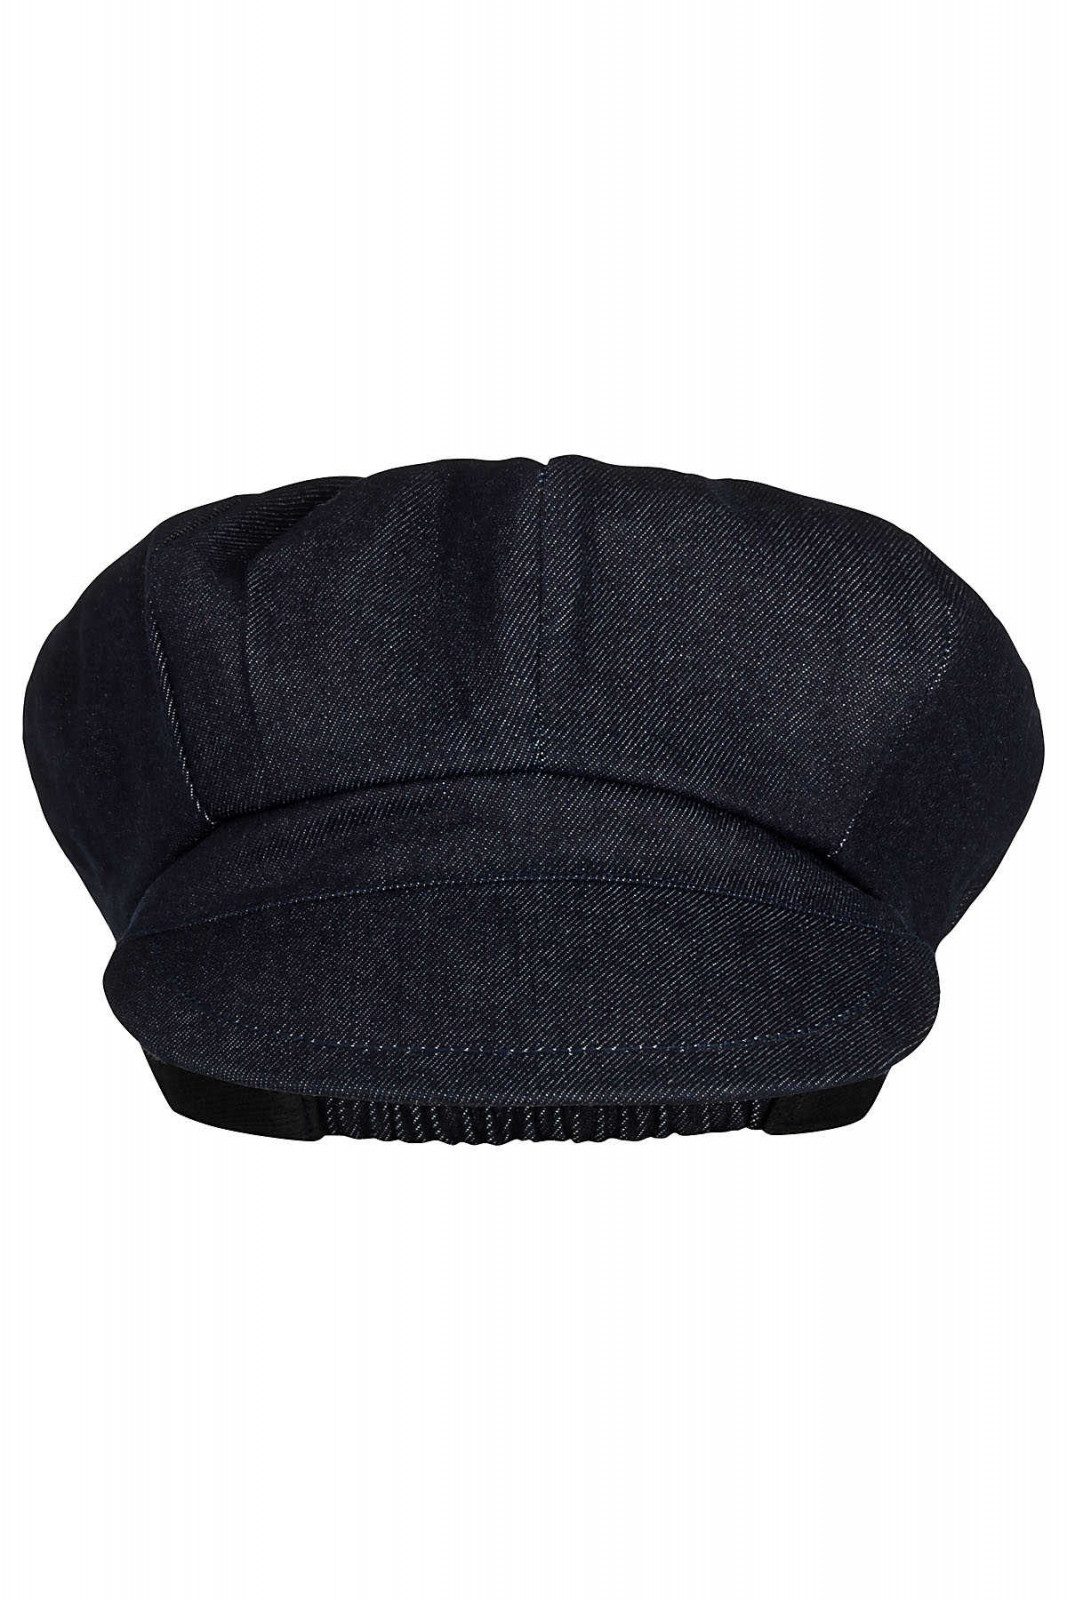 Charlie Mütze WorkerStyle 1920 Blau